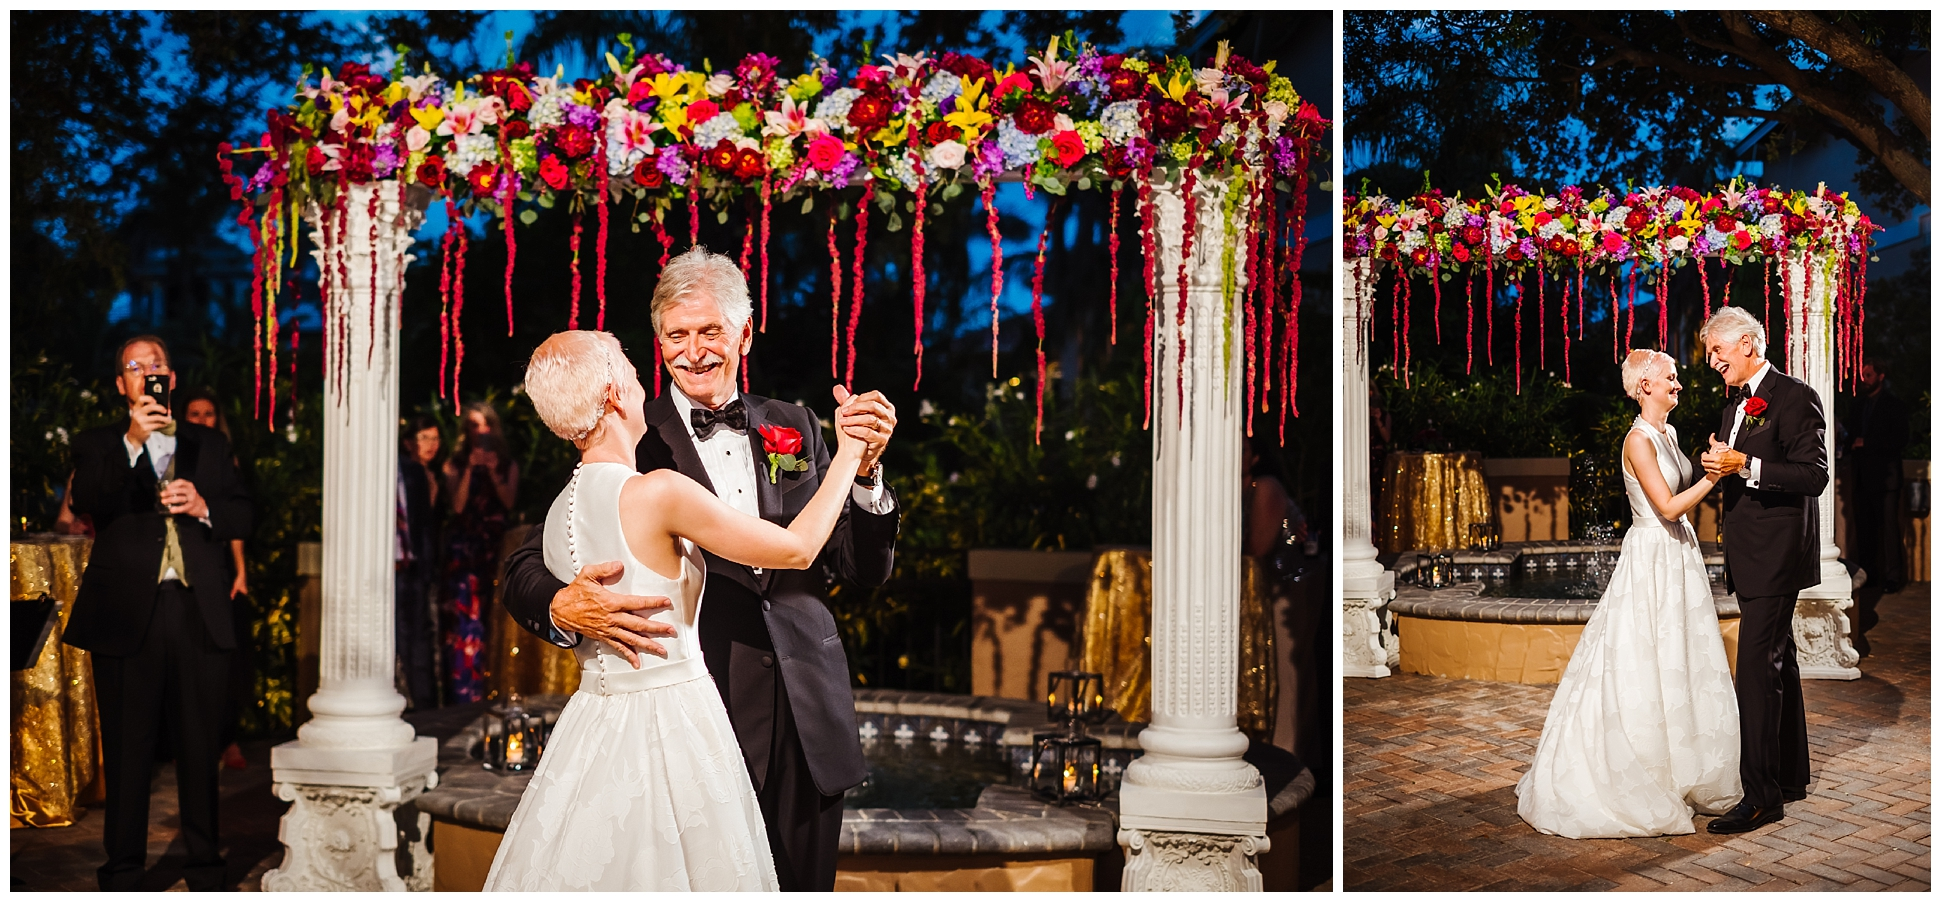 tierra-verde-st-pete-florida-home-luxury-wedding-greenery-pink-pixie-bride_0076.jpg